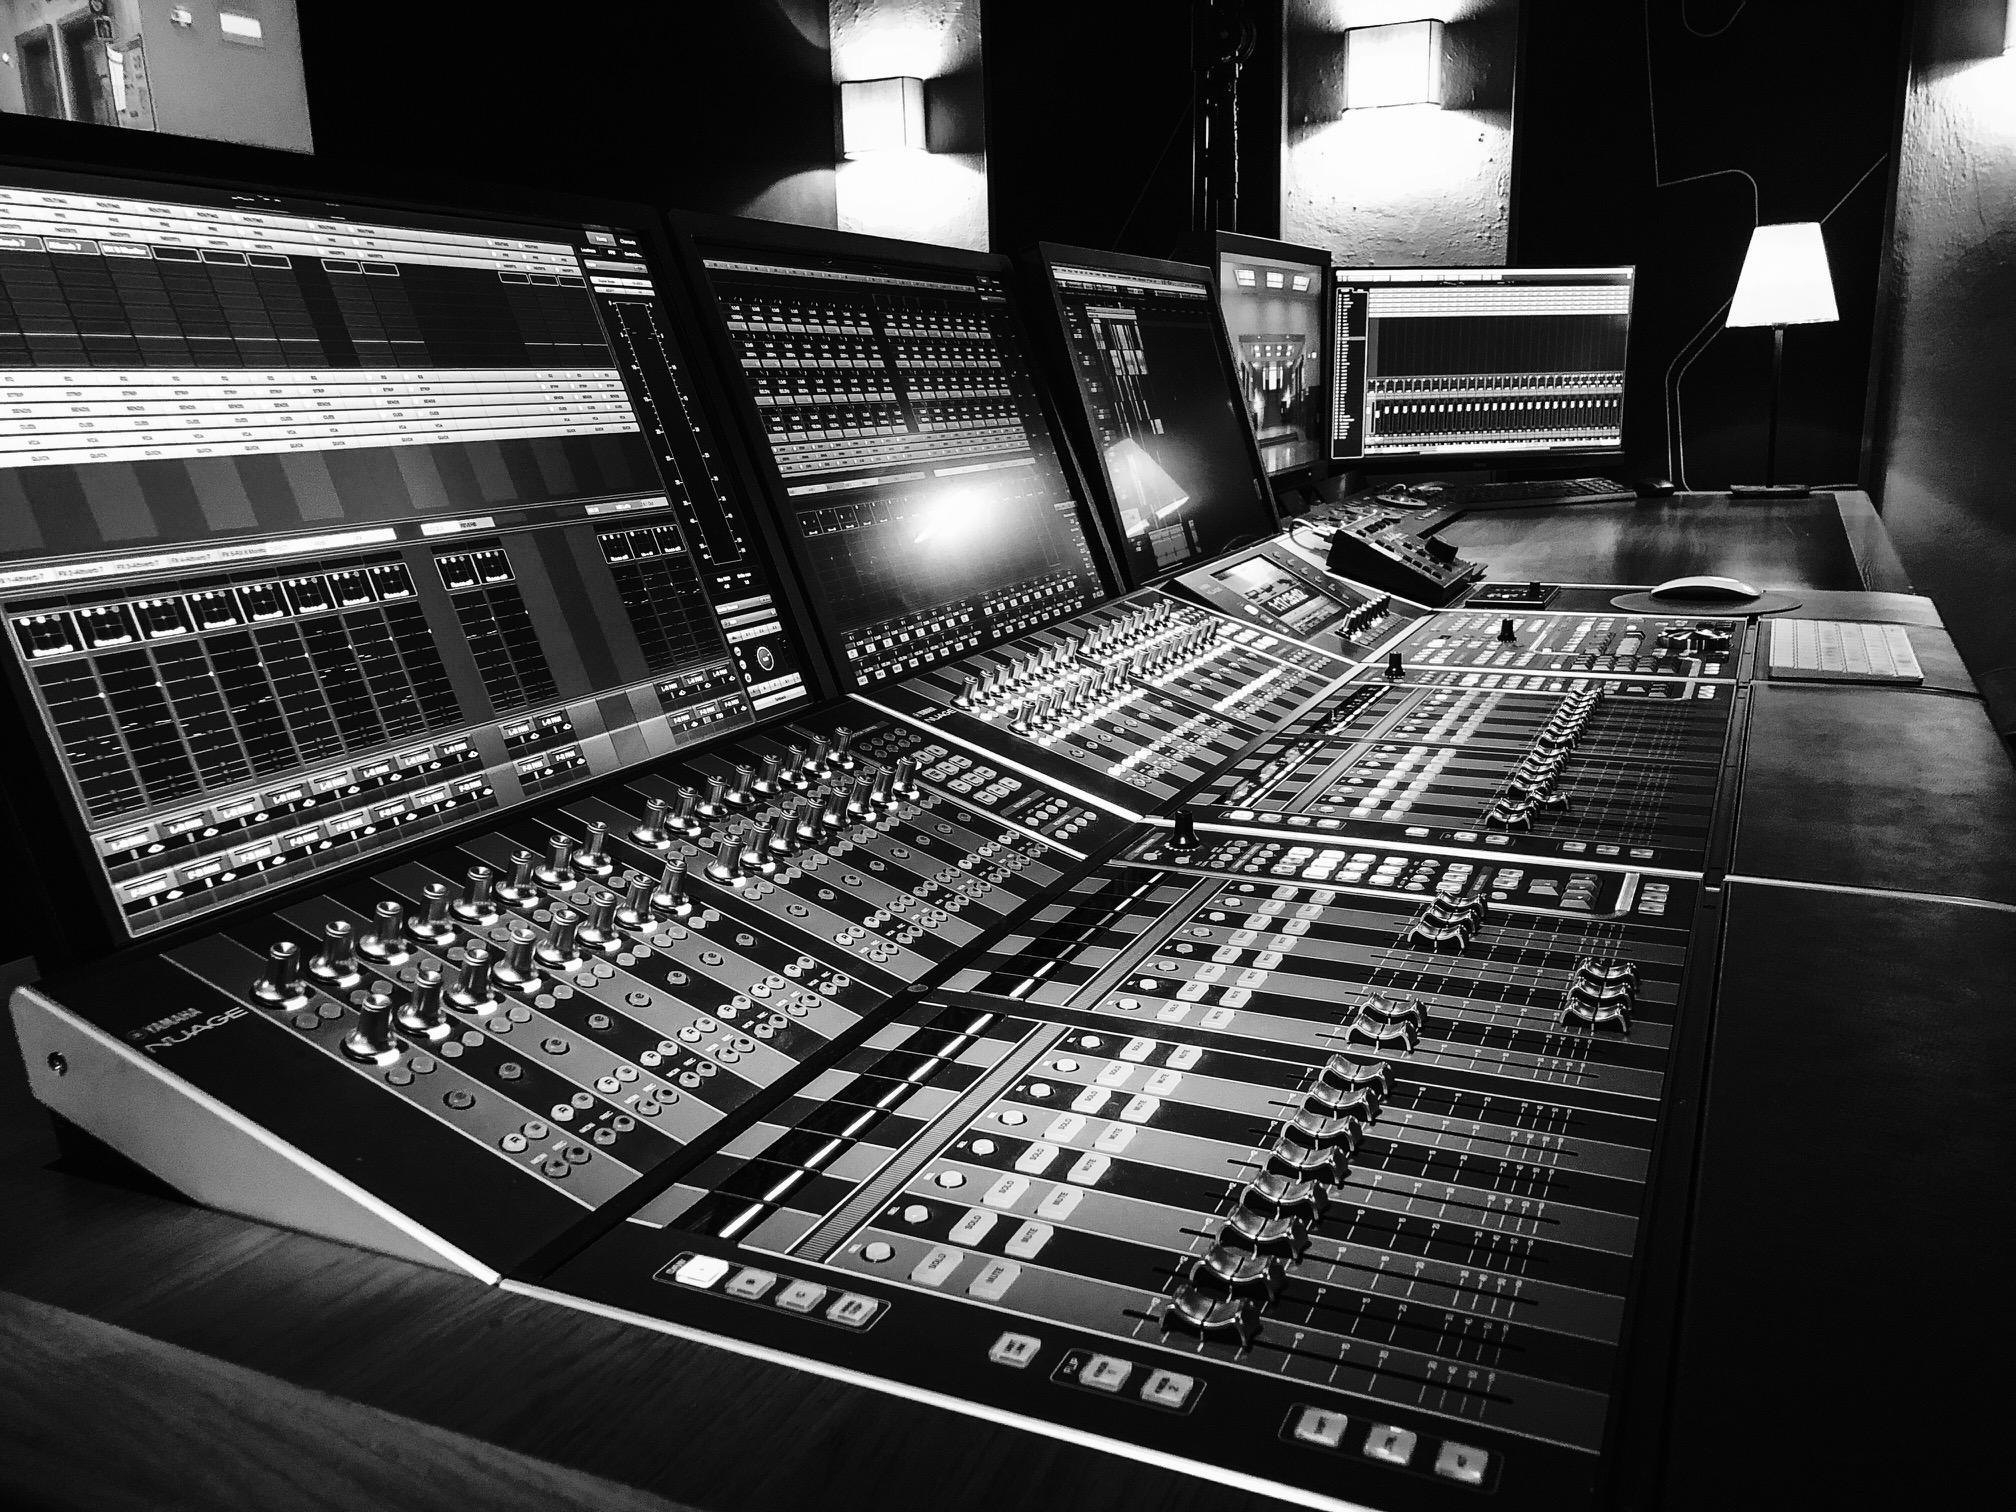 Post-production son à Marseille / auditorium de Mixage cinéma